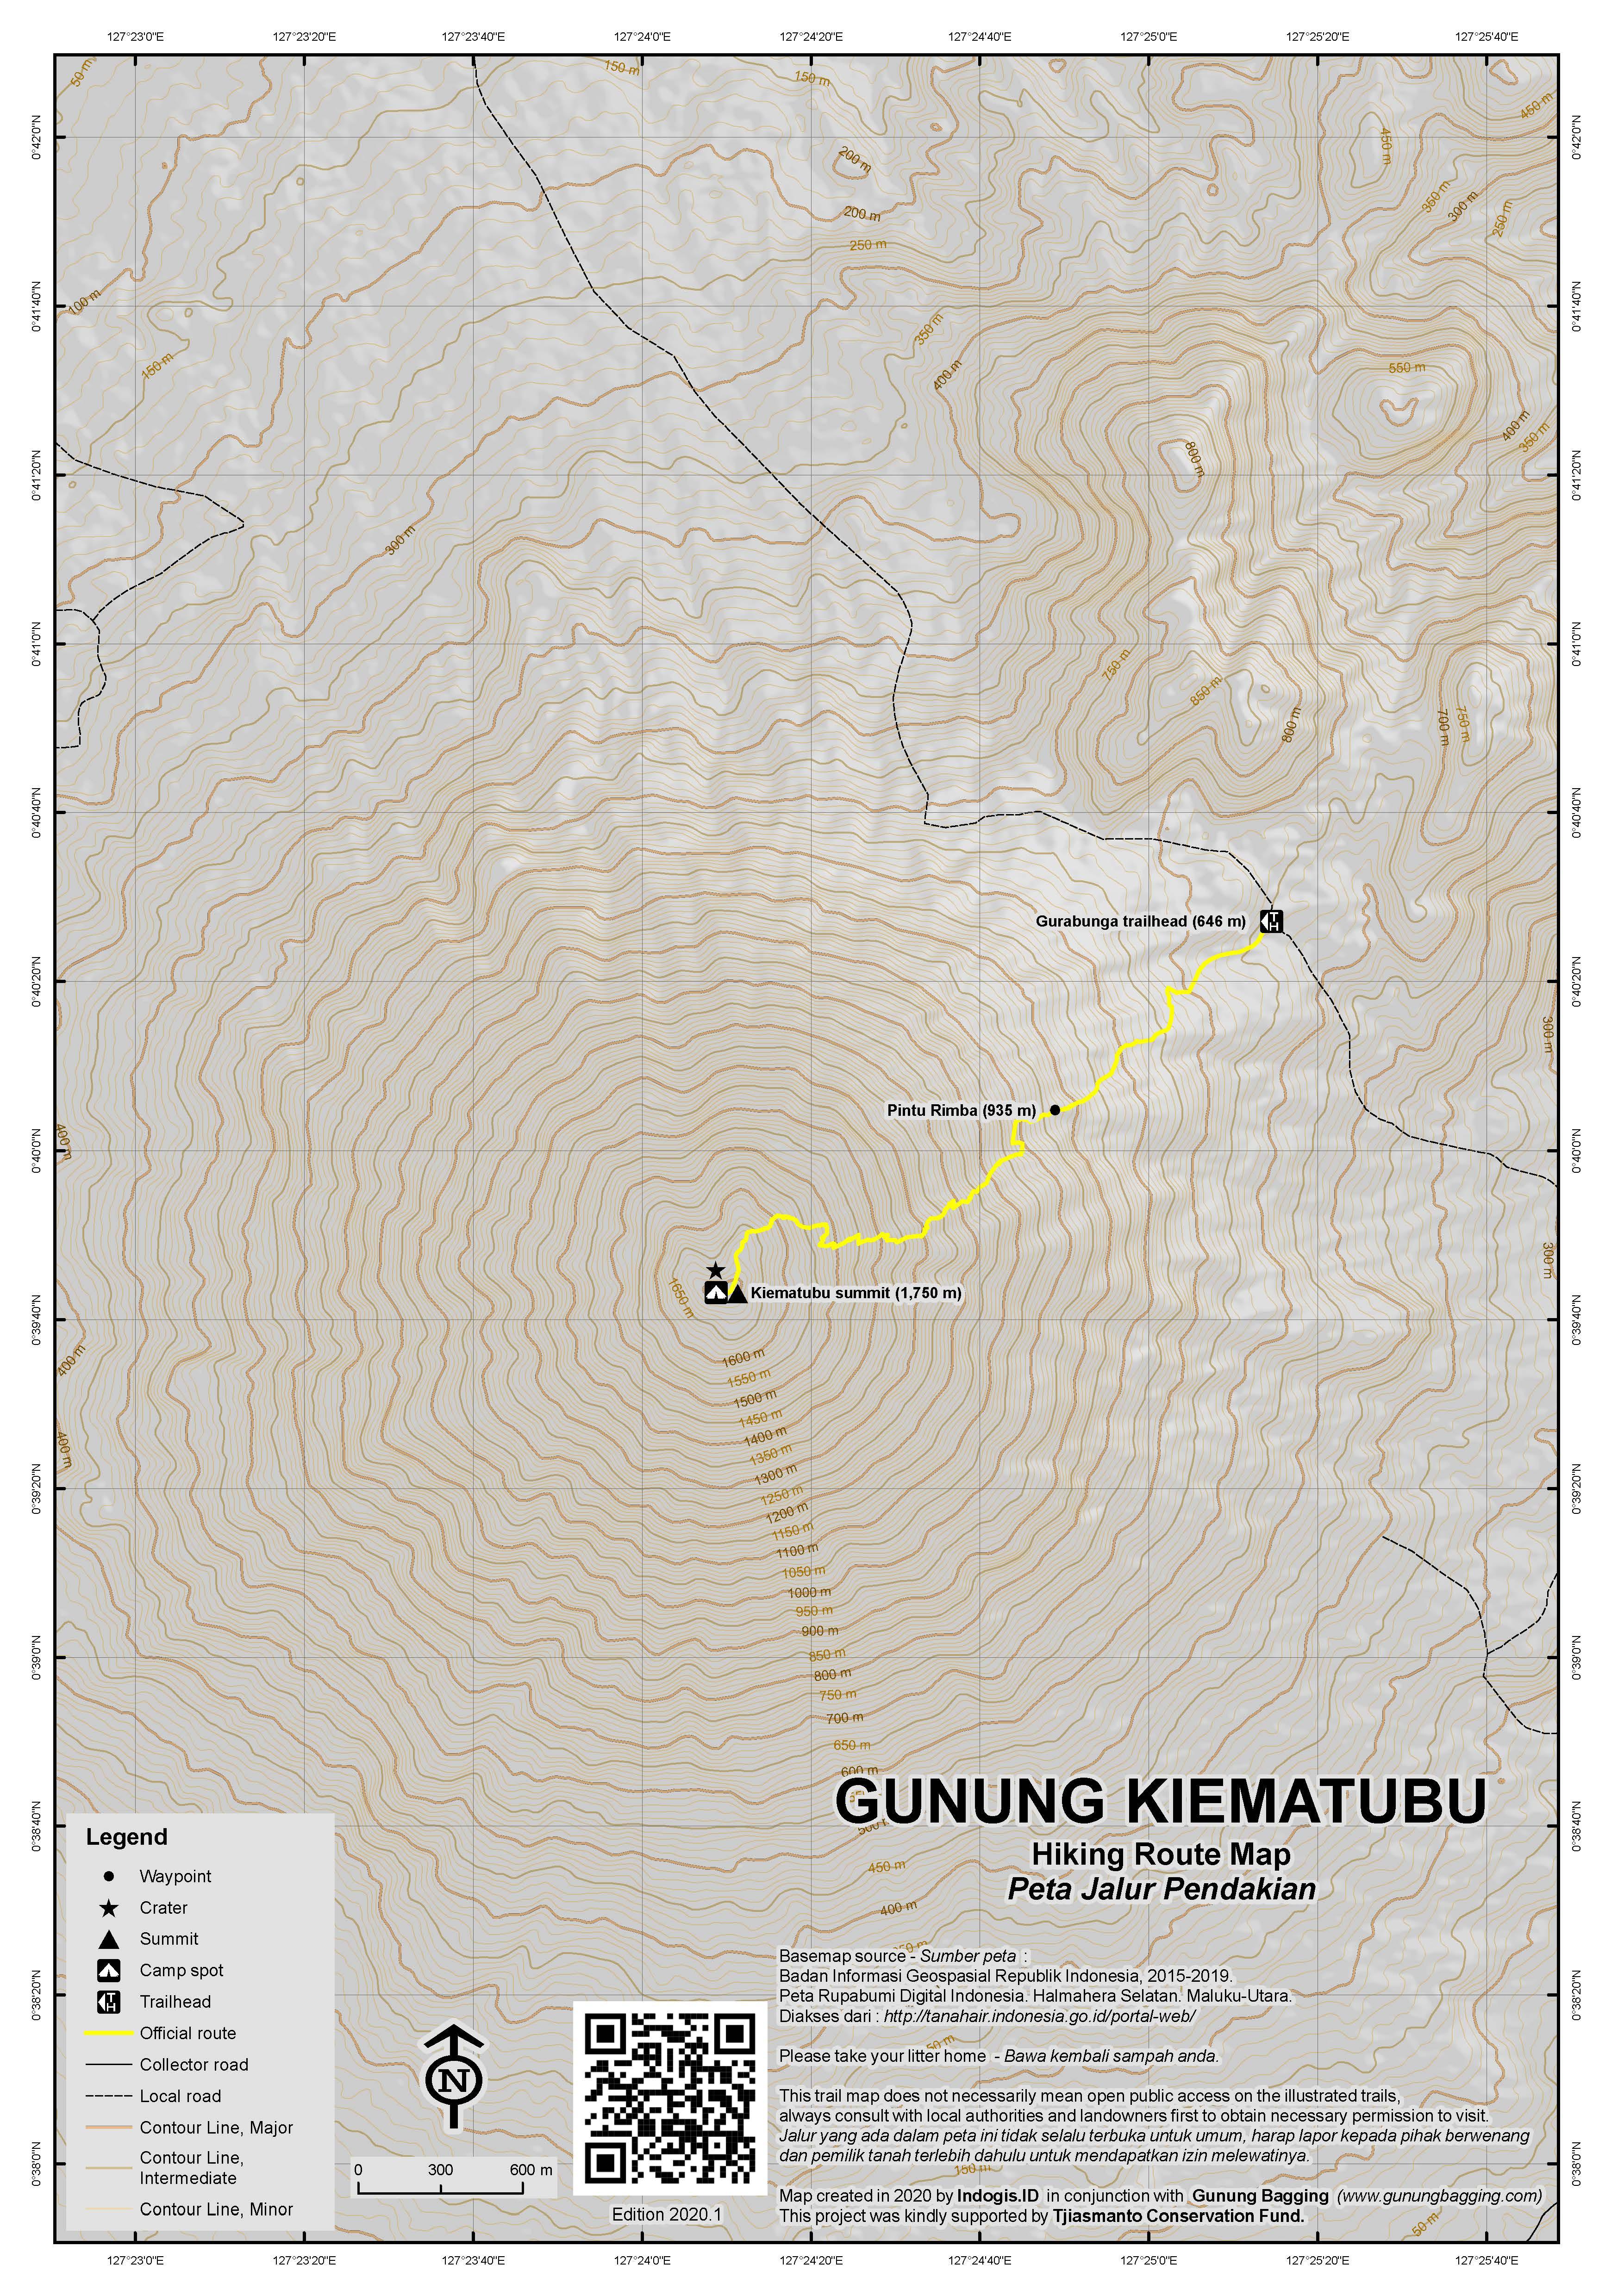 Peta Jalur Pendakian Gunung Kiematubu